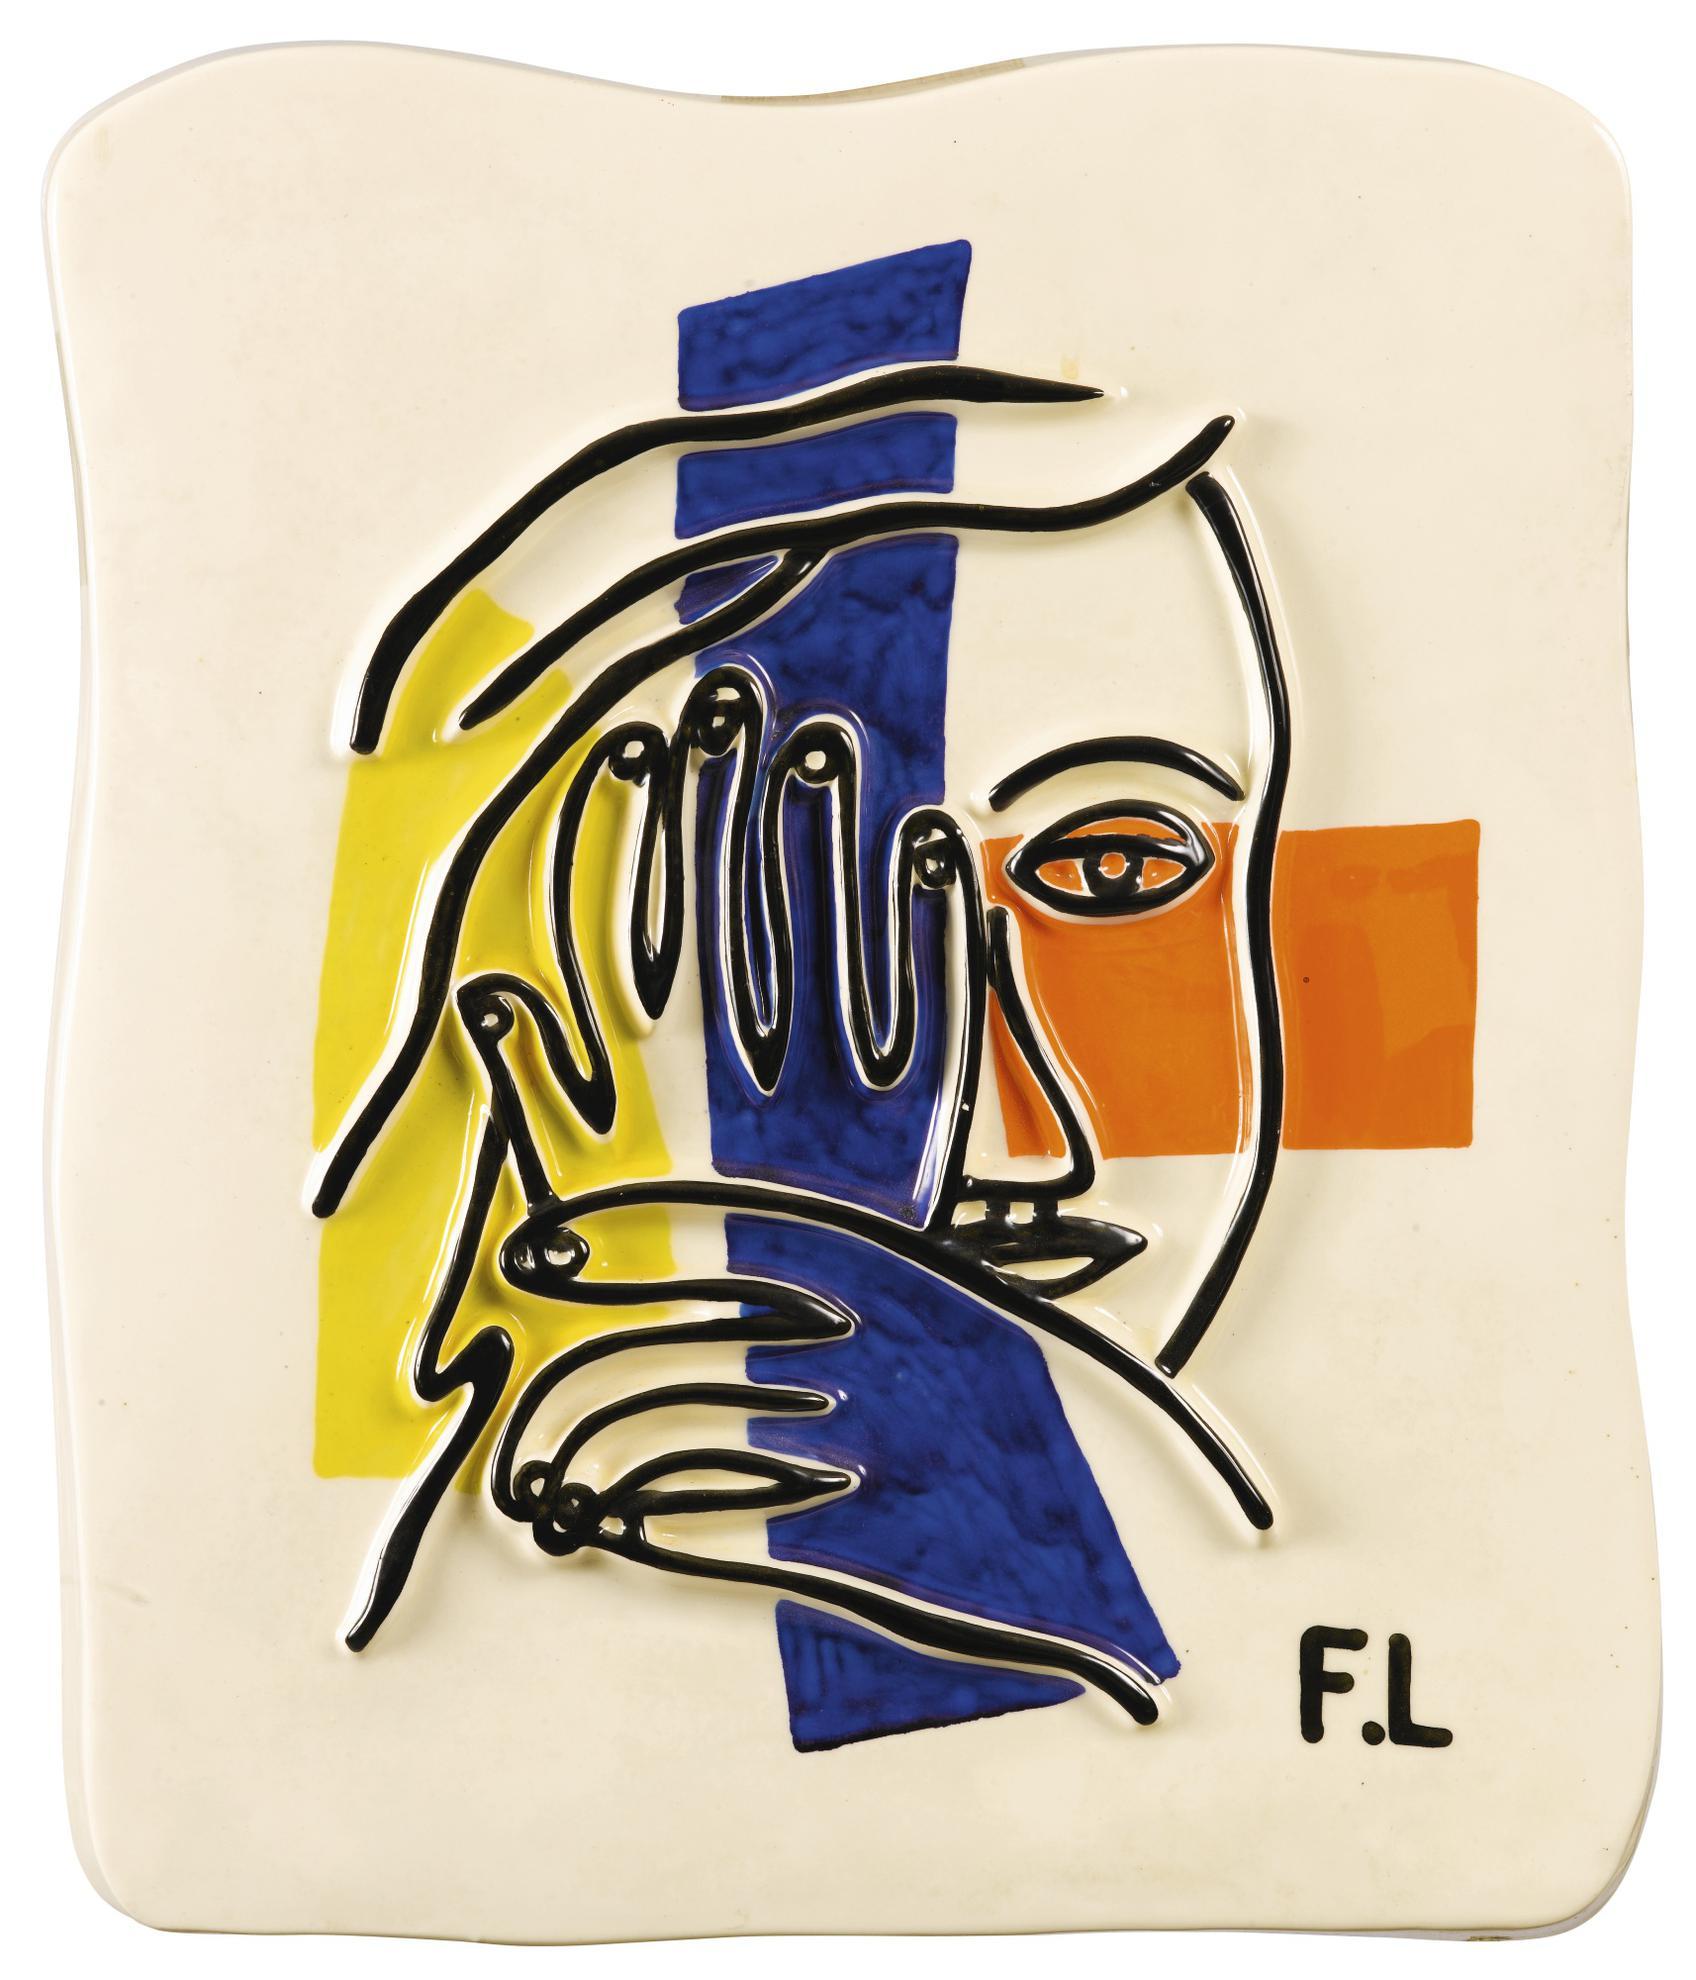 Fernand Leger-After Fernand Leger - Visage A Deux Mains-1990